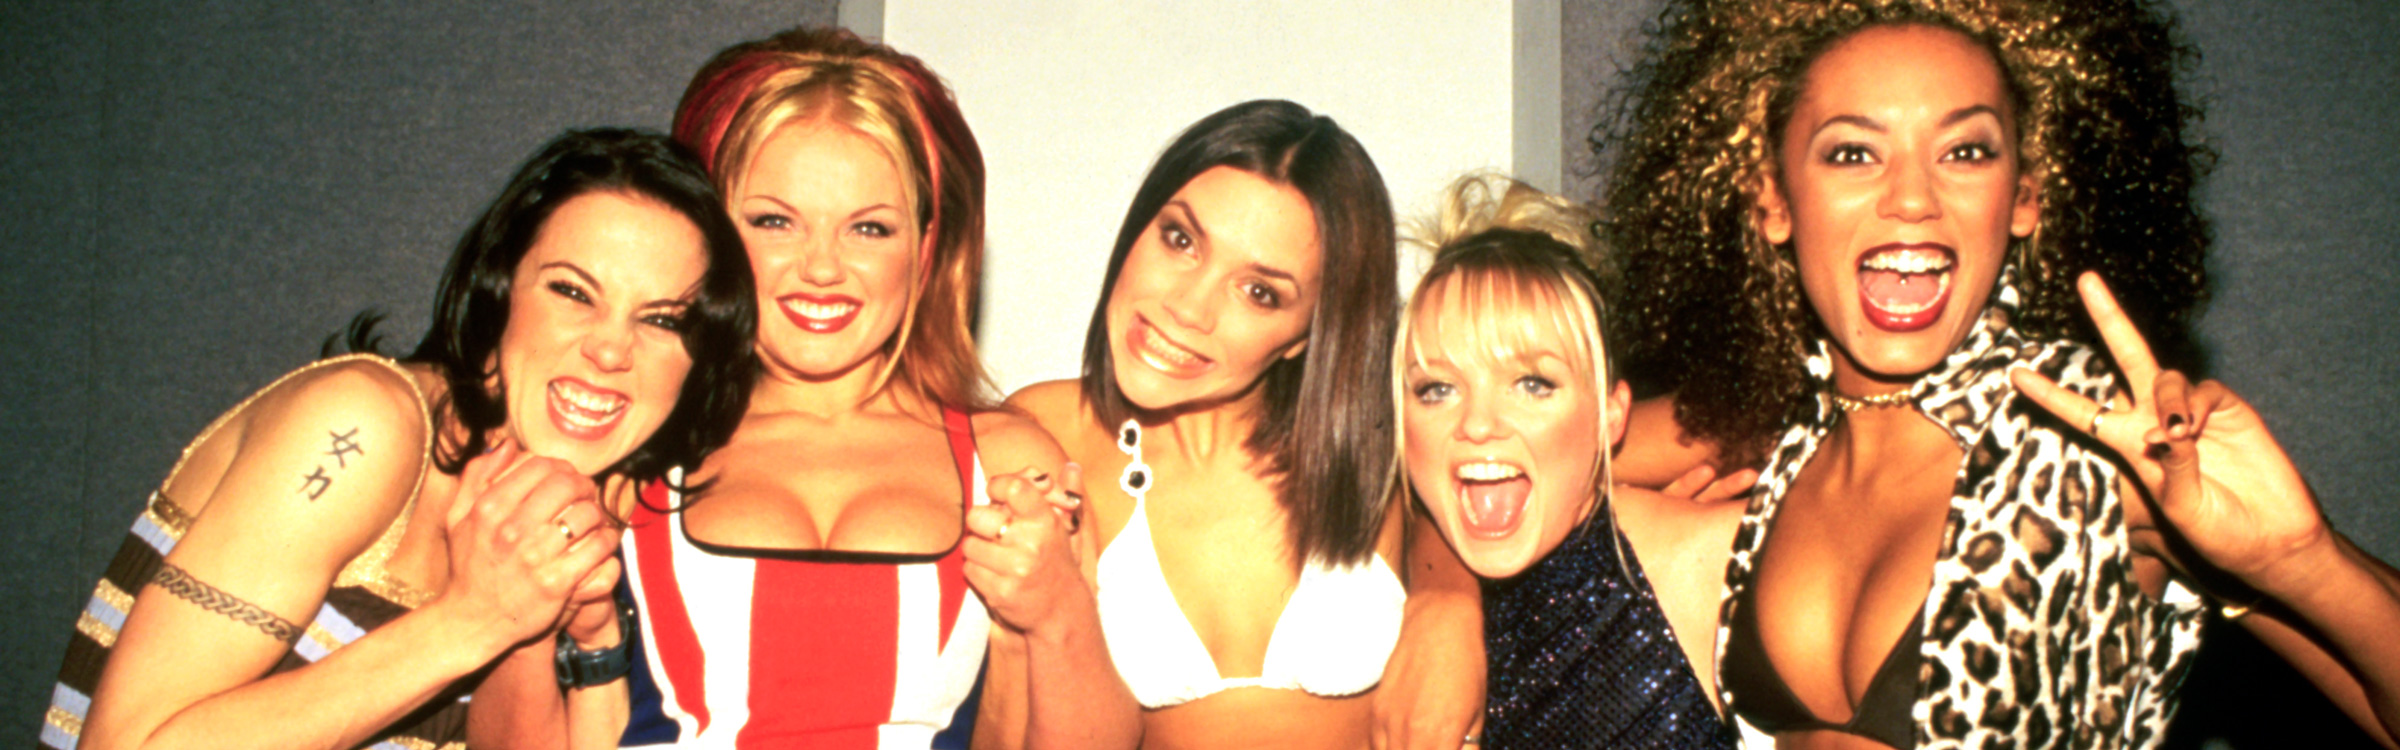 Spicegirls2